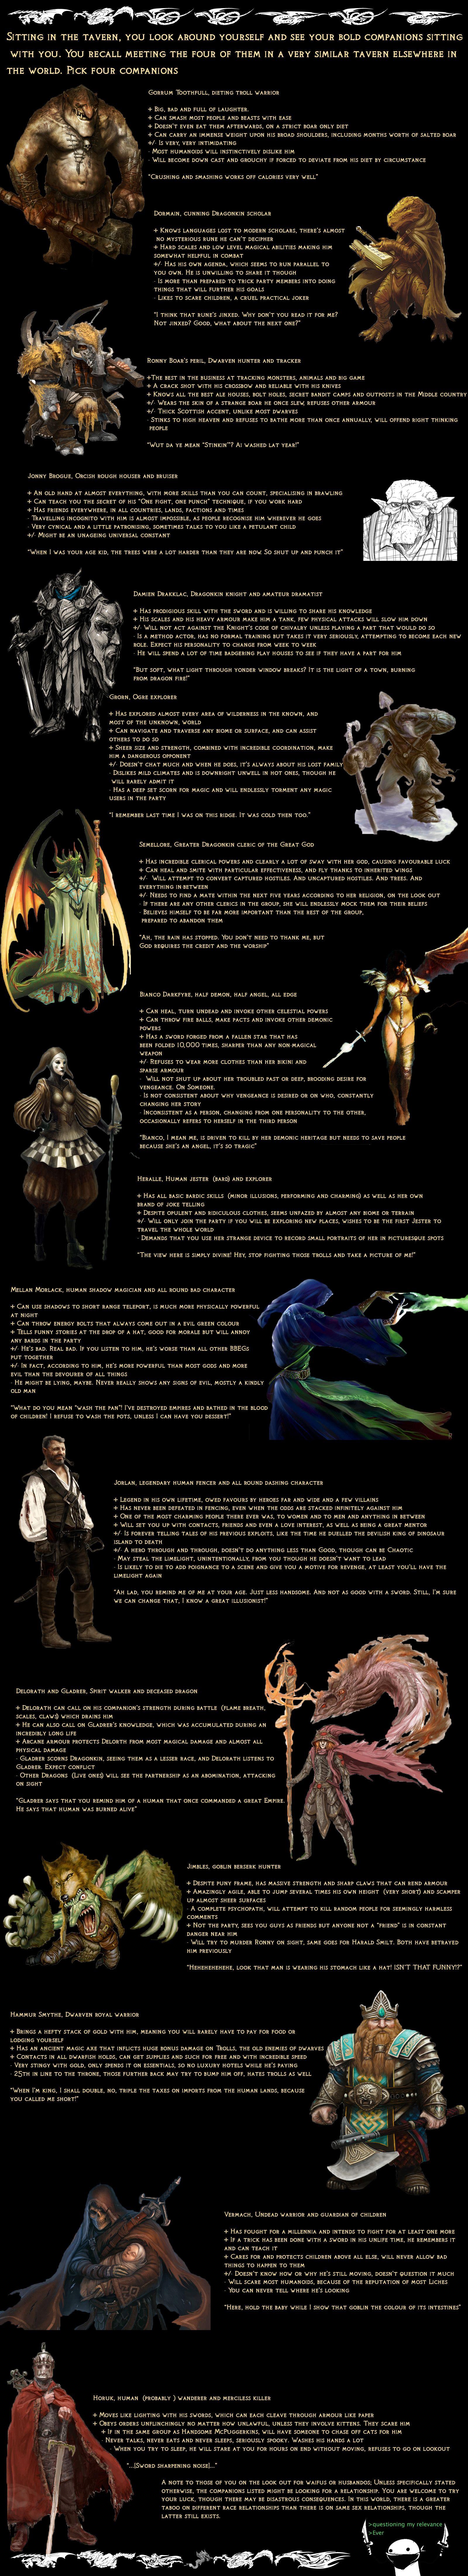 Tg Fantasy Earth Cyoa Part 3